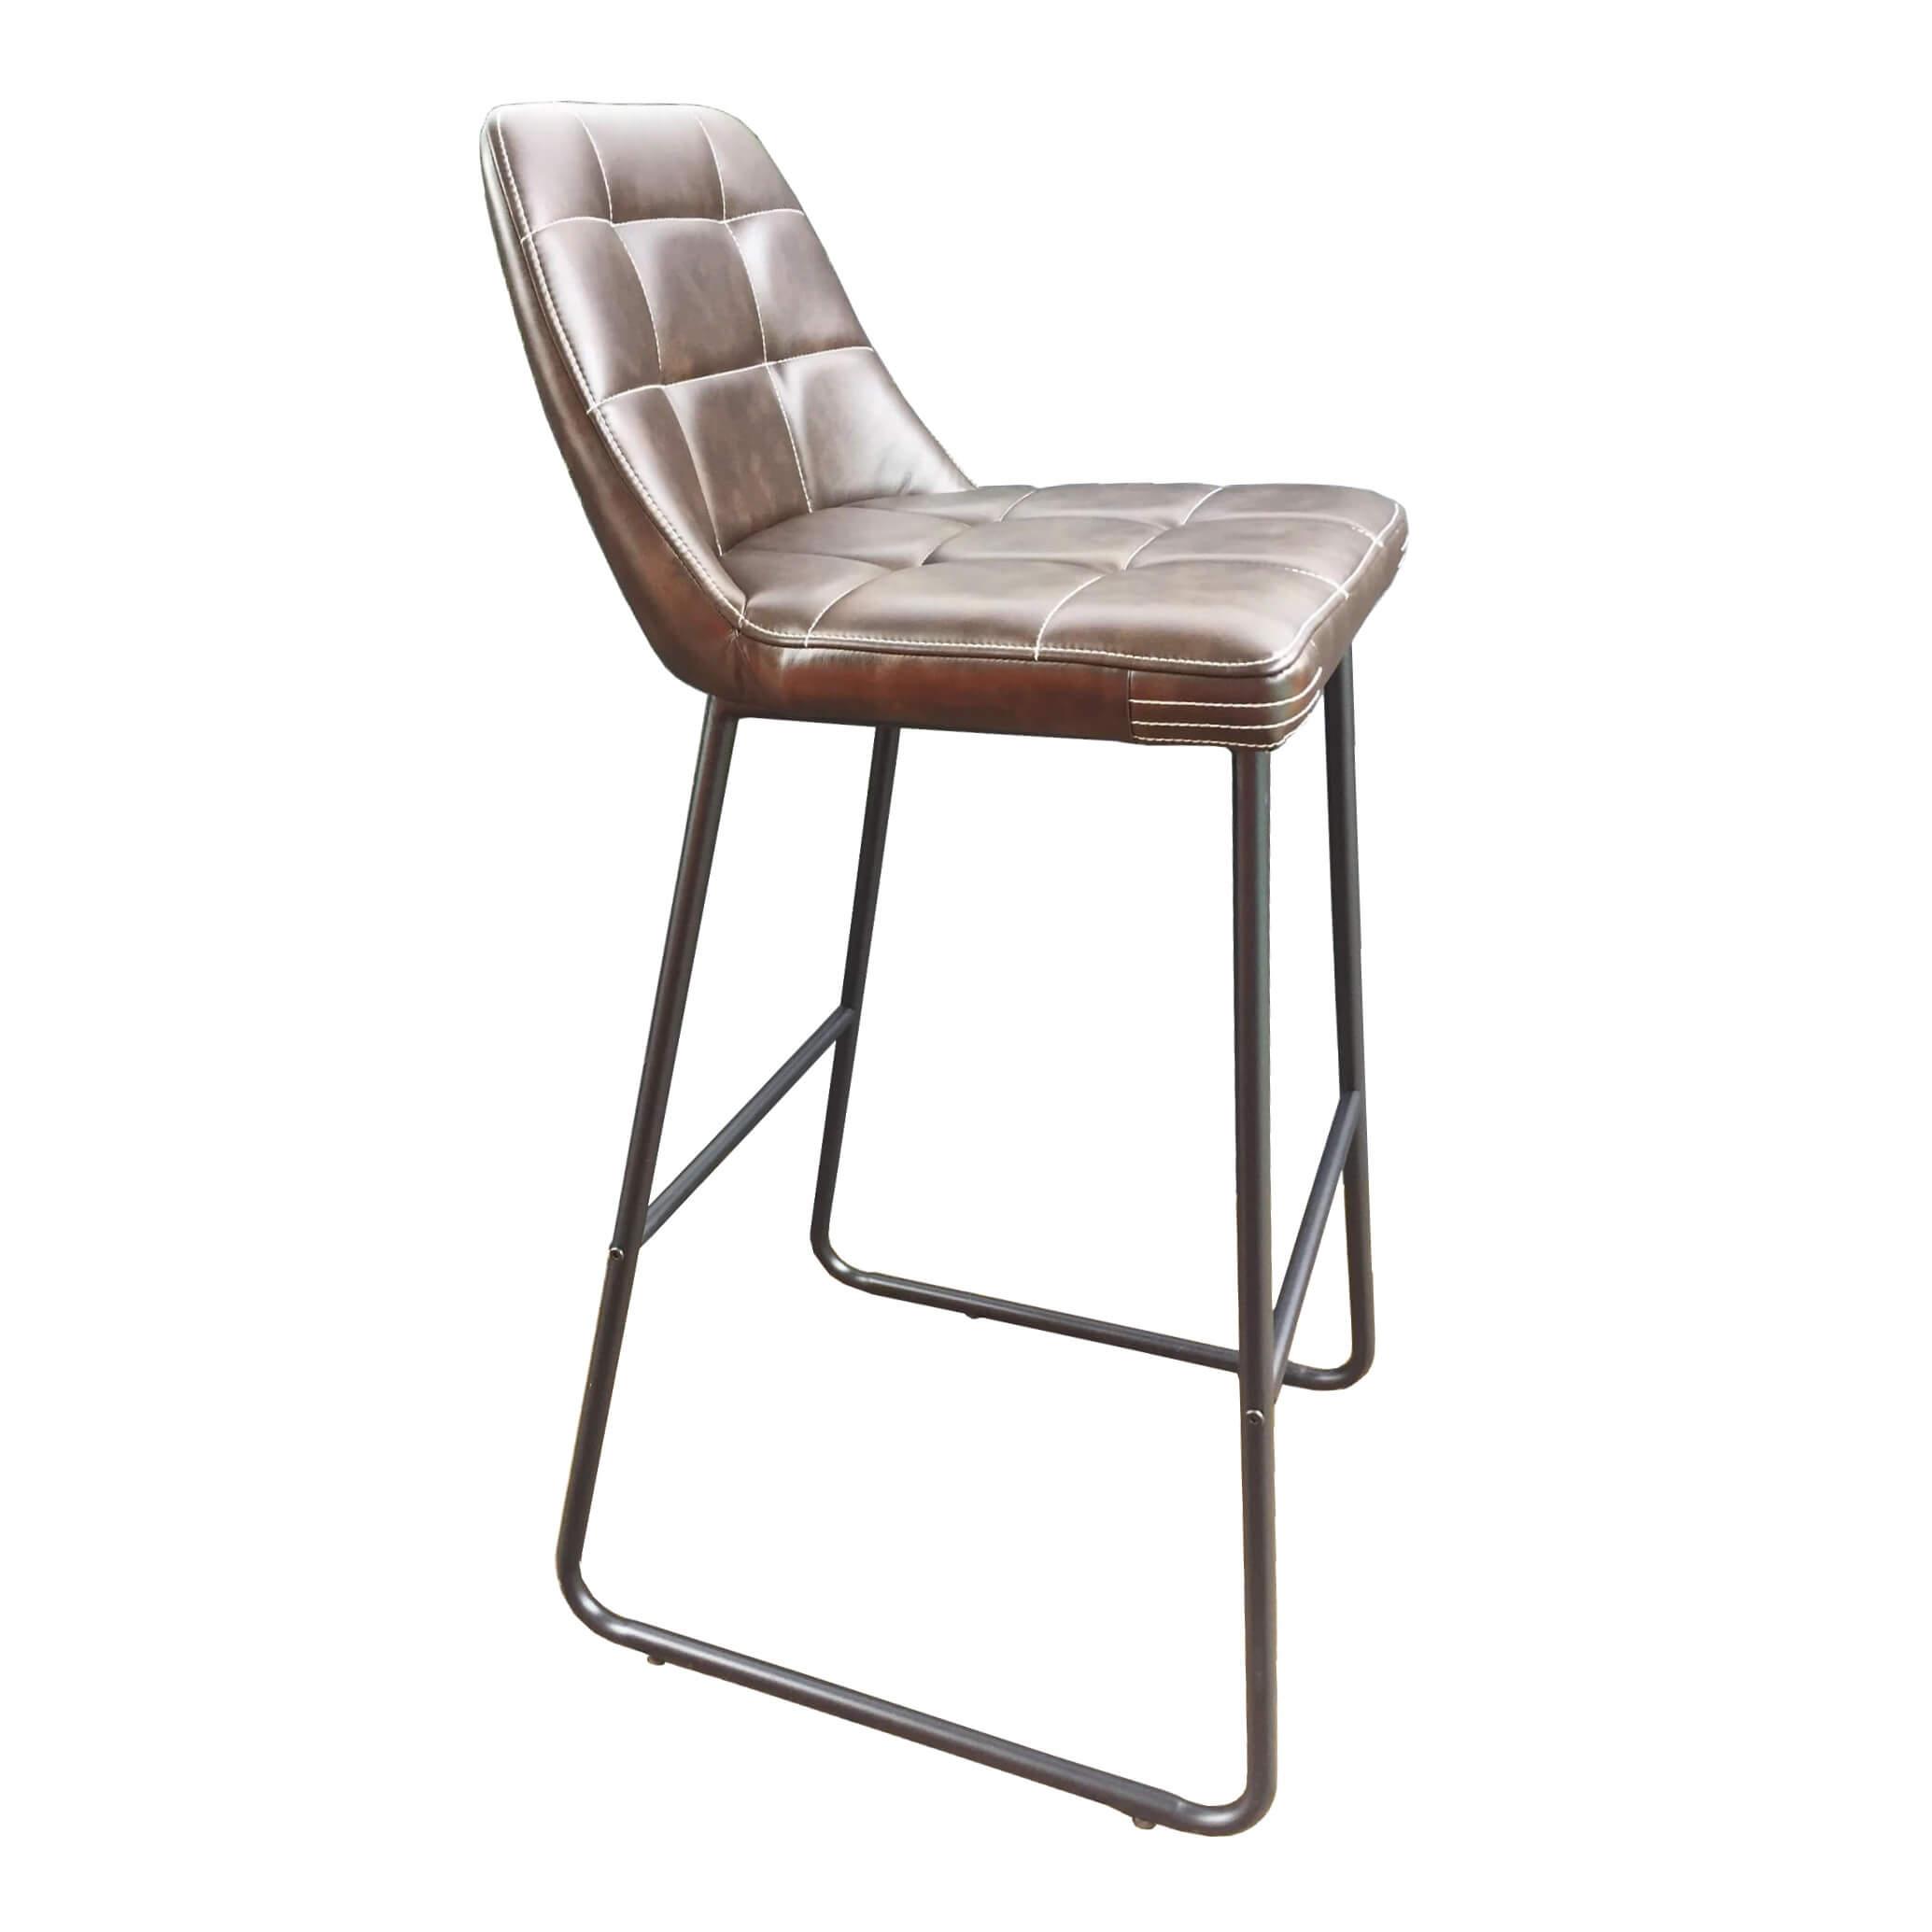 Confortable Confortable Chaise Bar Confortable Confortable Chaise Chaise Bar Bar Chaise Confortable Chaise Bar Bar Fc1lKJ